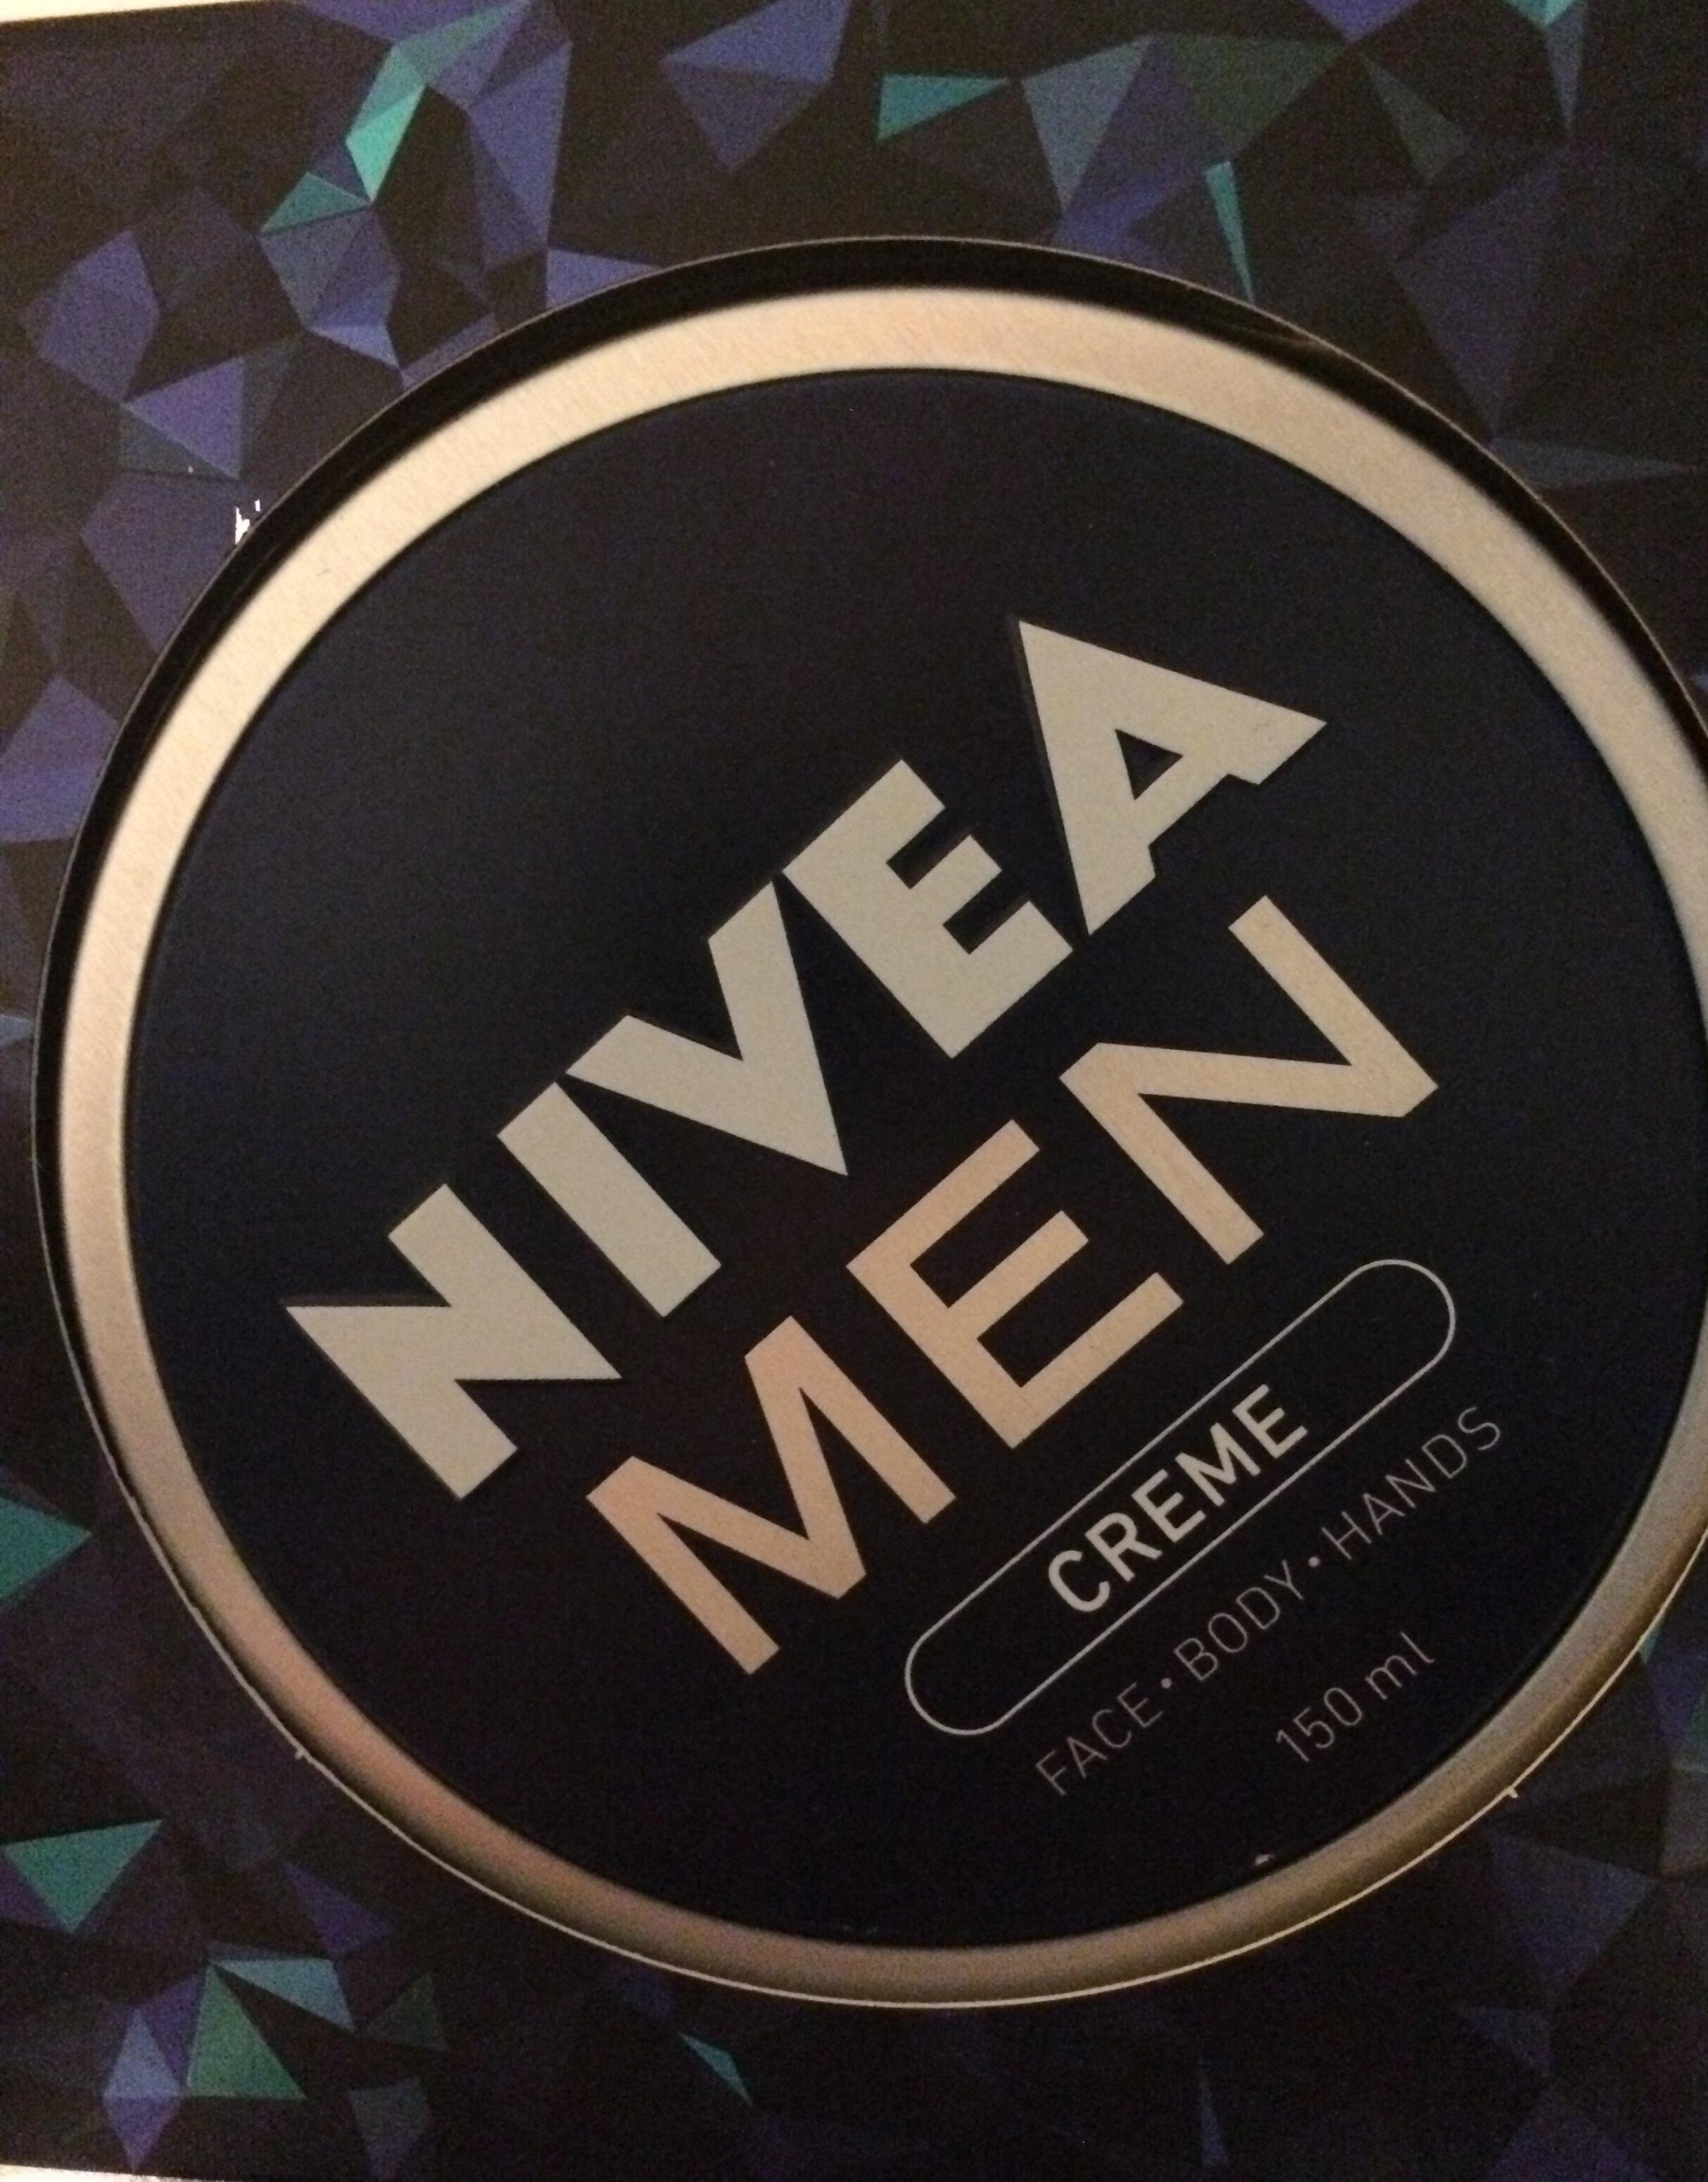 Nivea Men Creme -Face, Body & Hands 150ml. £2.49 @ Bodycare instore